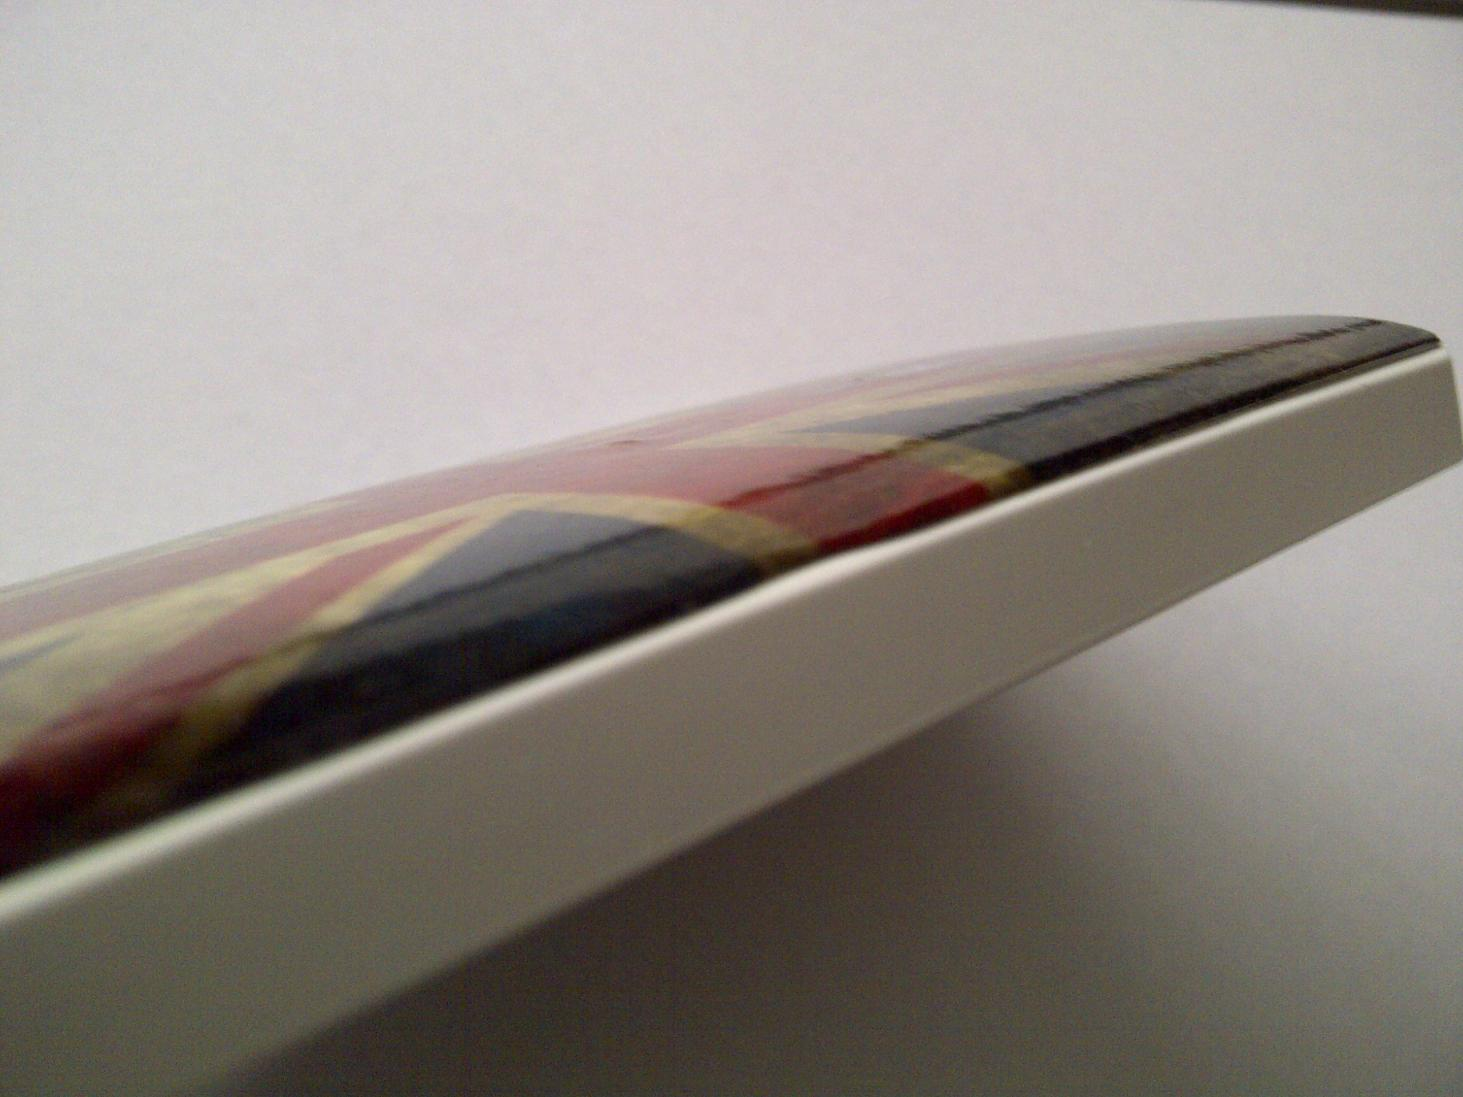 Carcasa X26i img-20121118-00218-jpg.6323